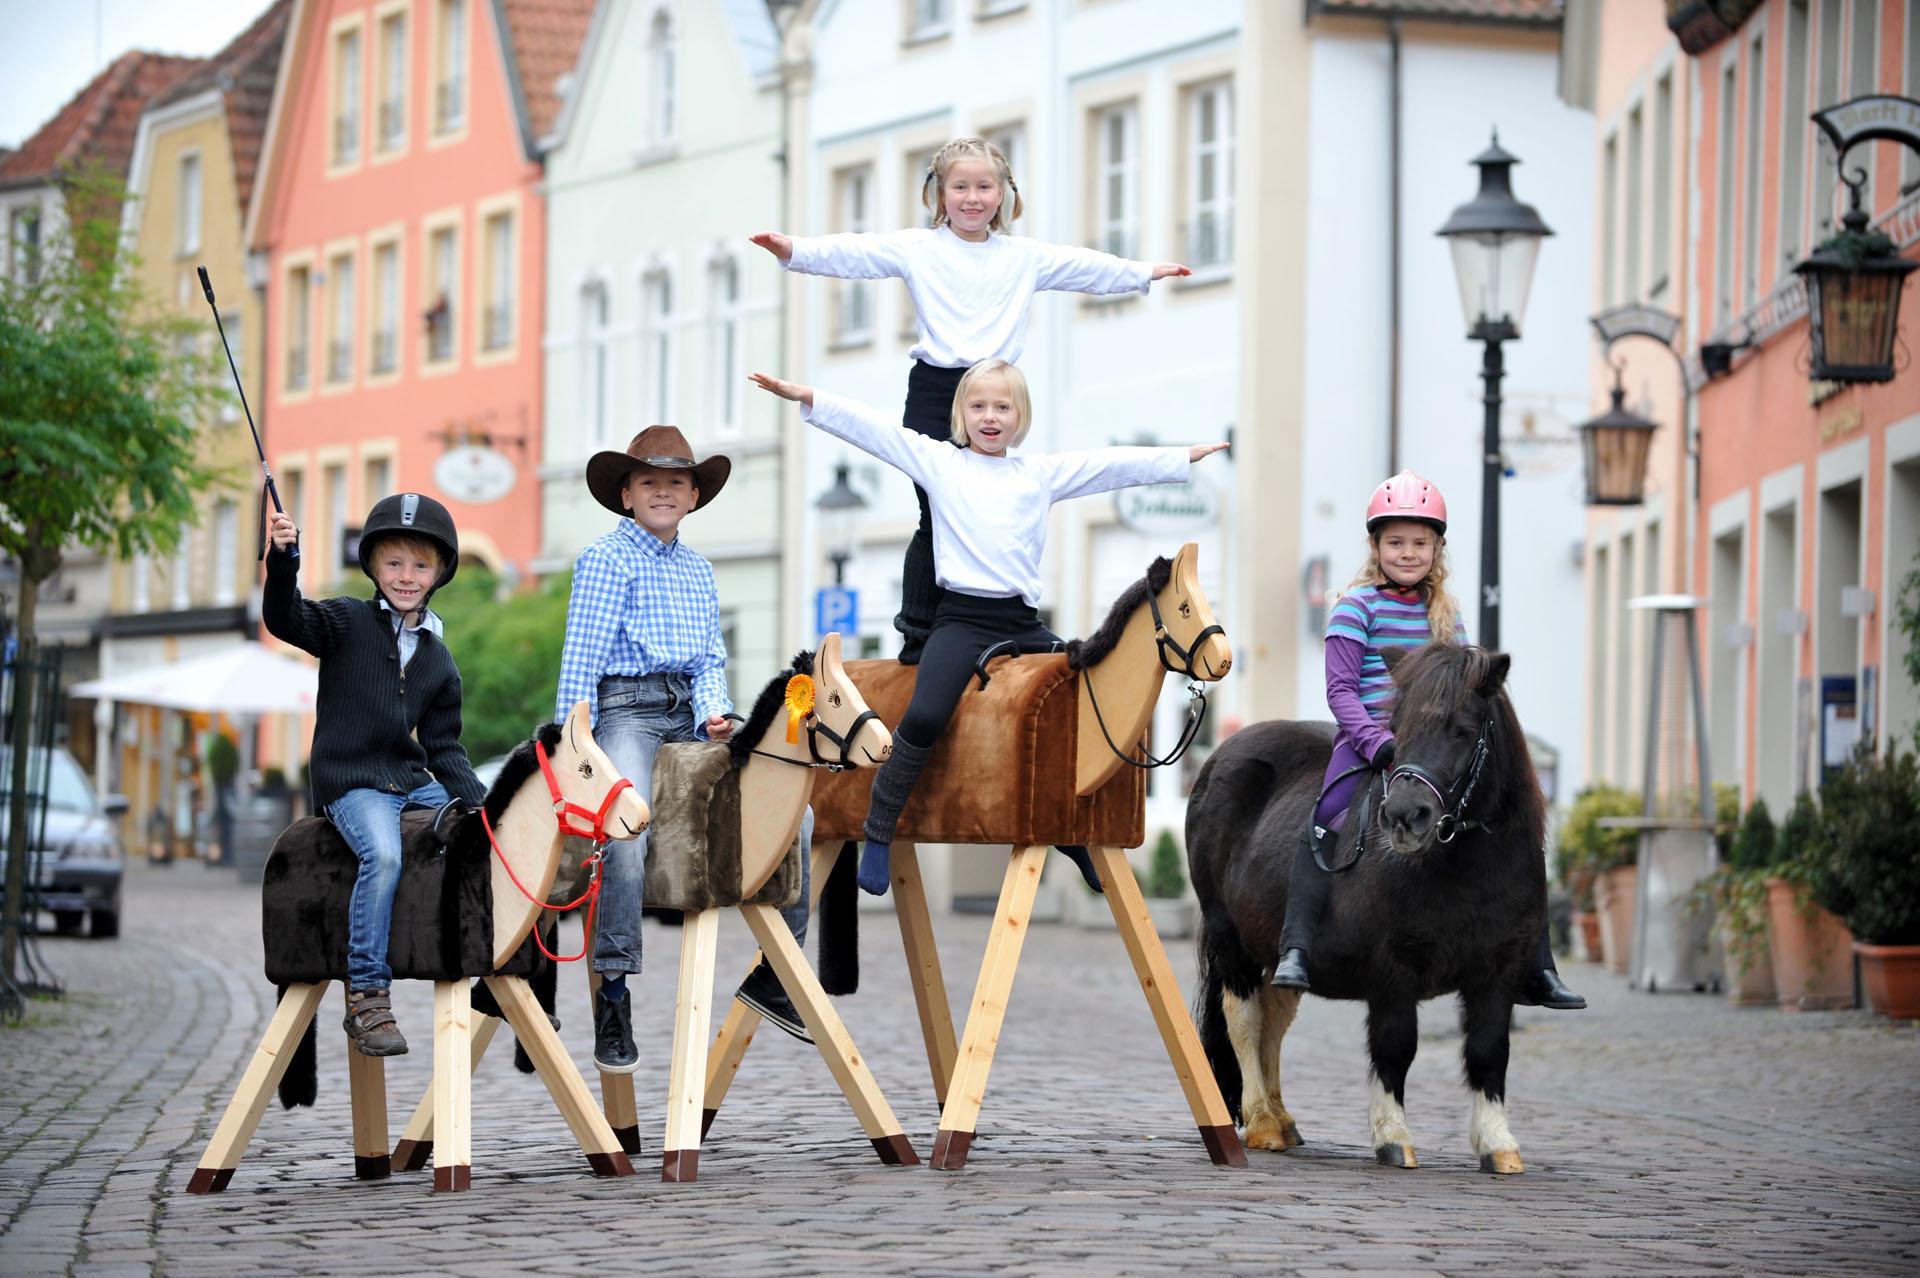 holzpferde & spielholzpferde kaufen | holzpferde von funny horses